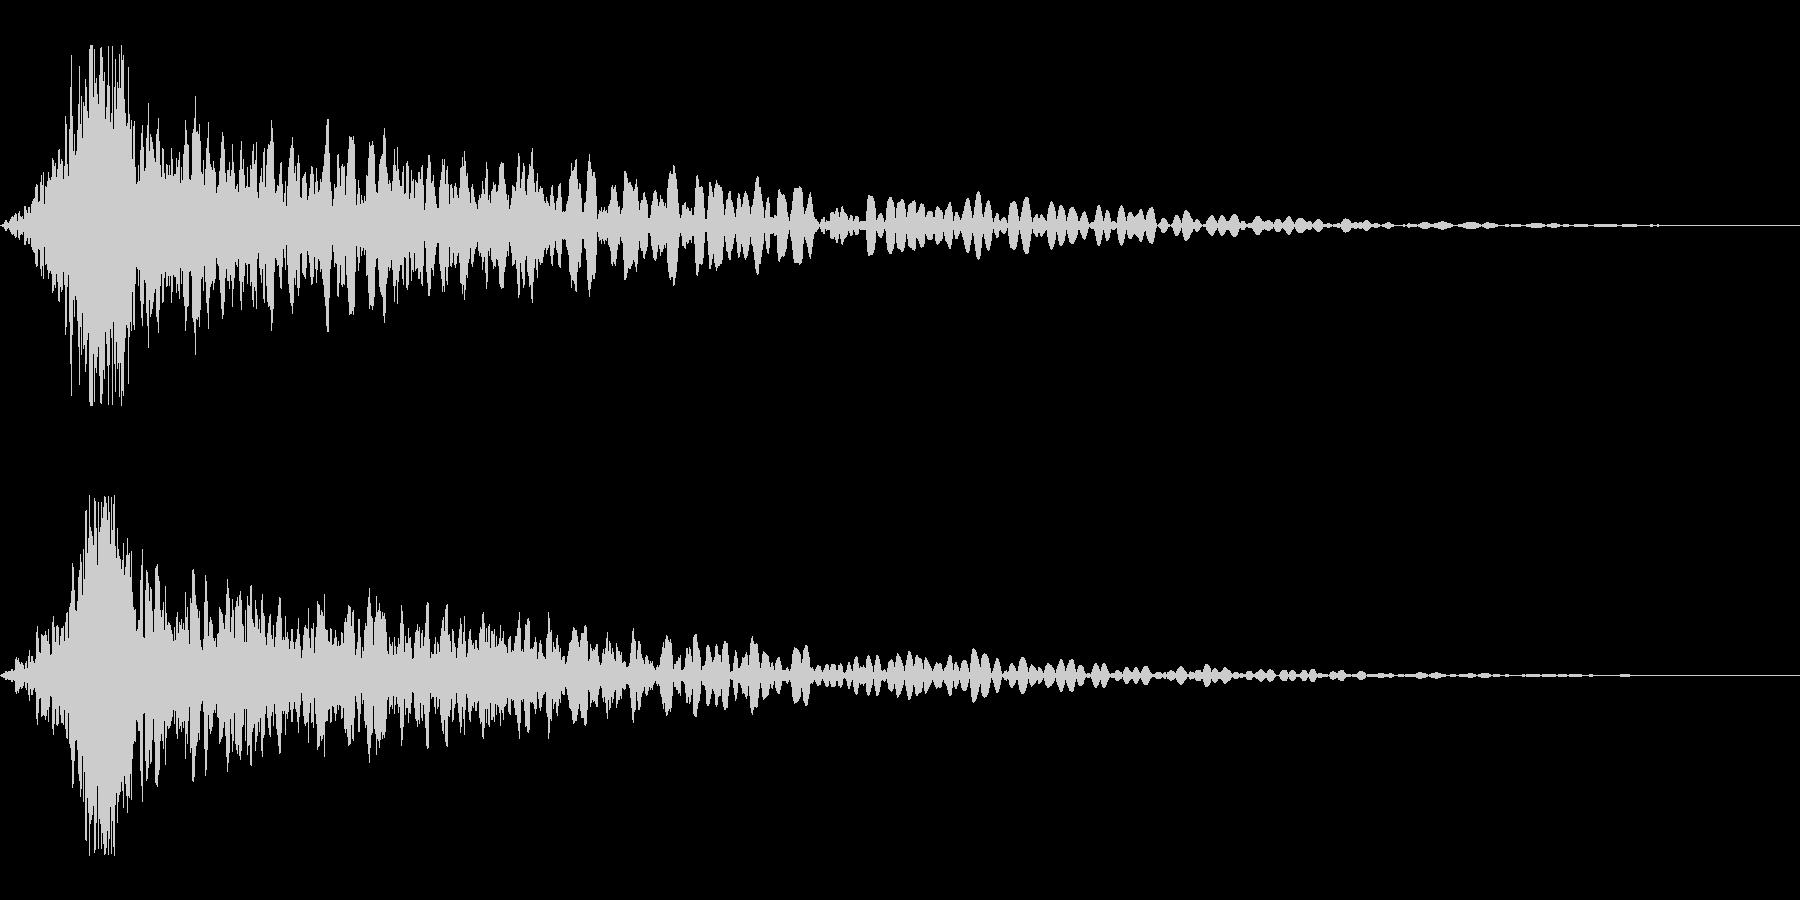 ホラー系アタック音99の未再生の波形